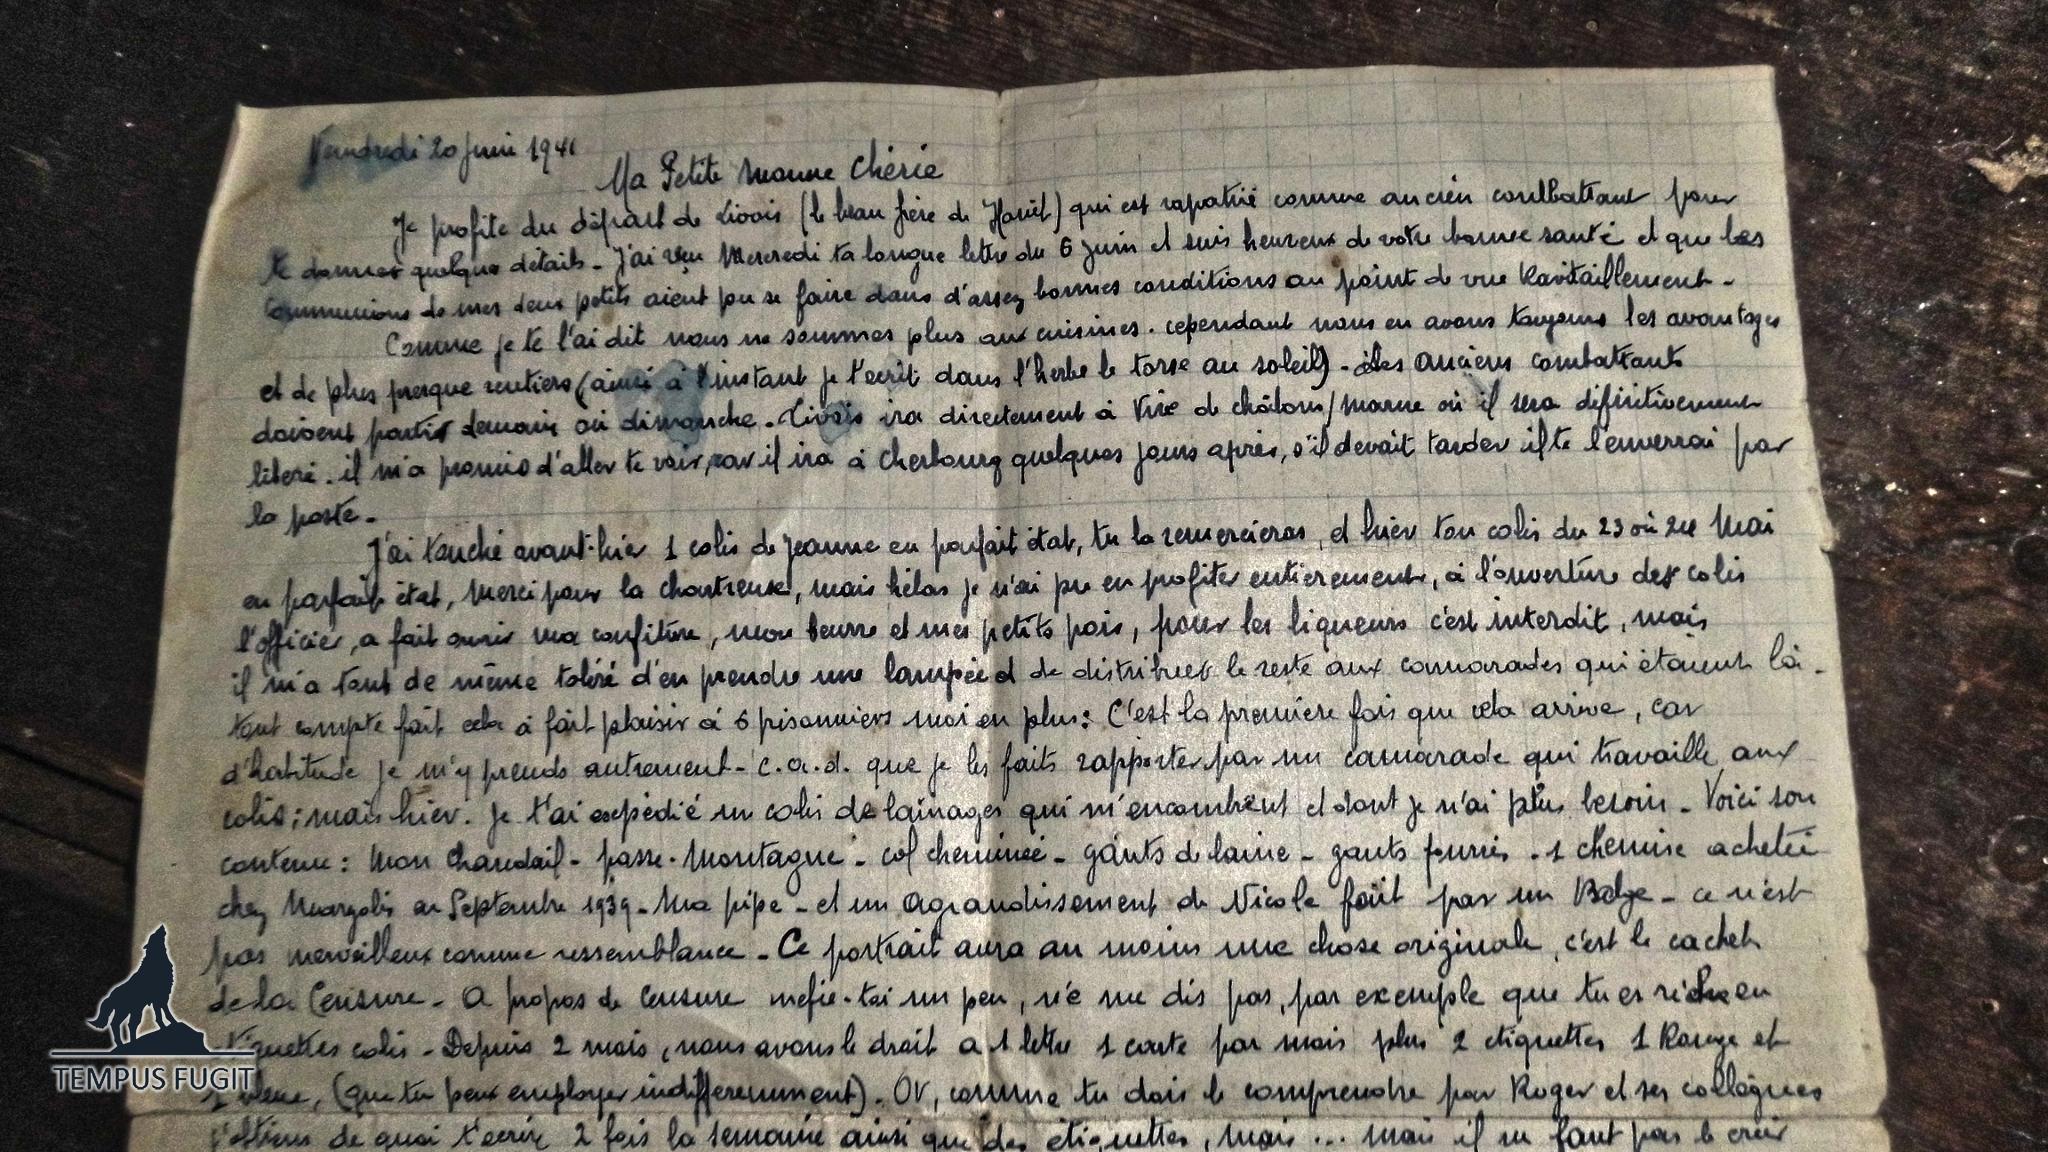 Lettre guerre homme celibataire [PUNIQRANDLINE-(au-dating-names.txt) 60